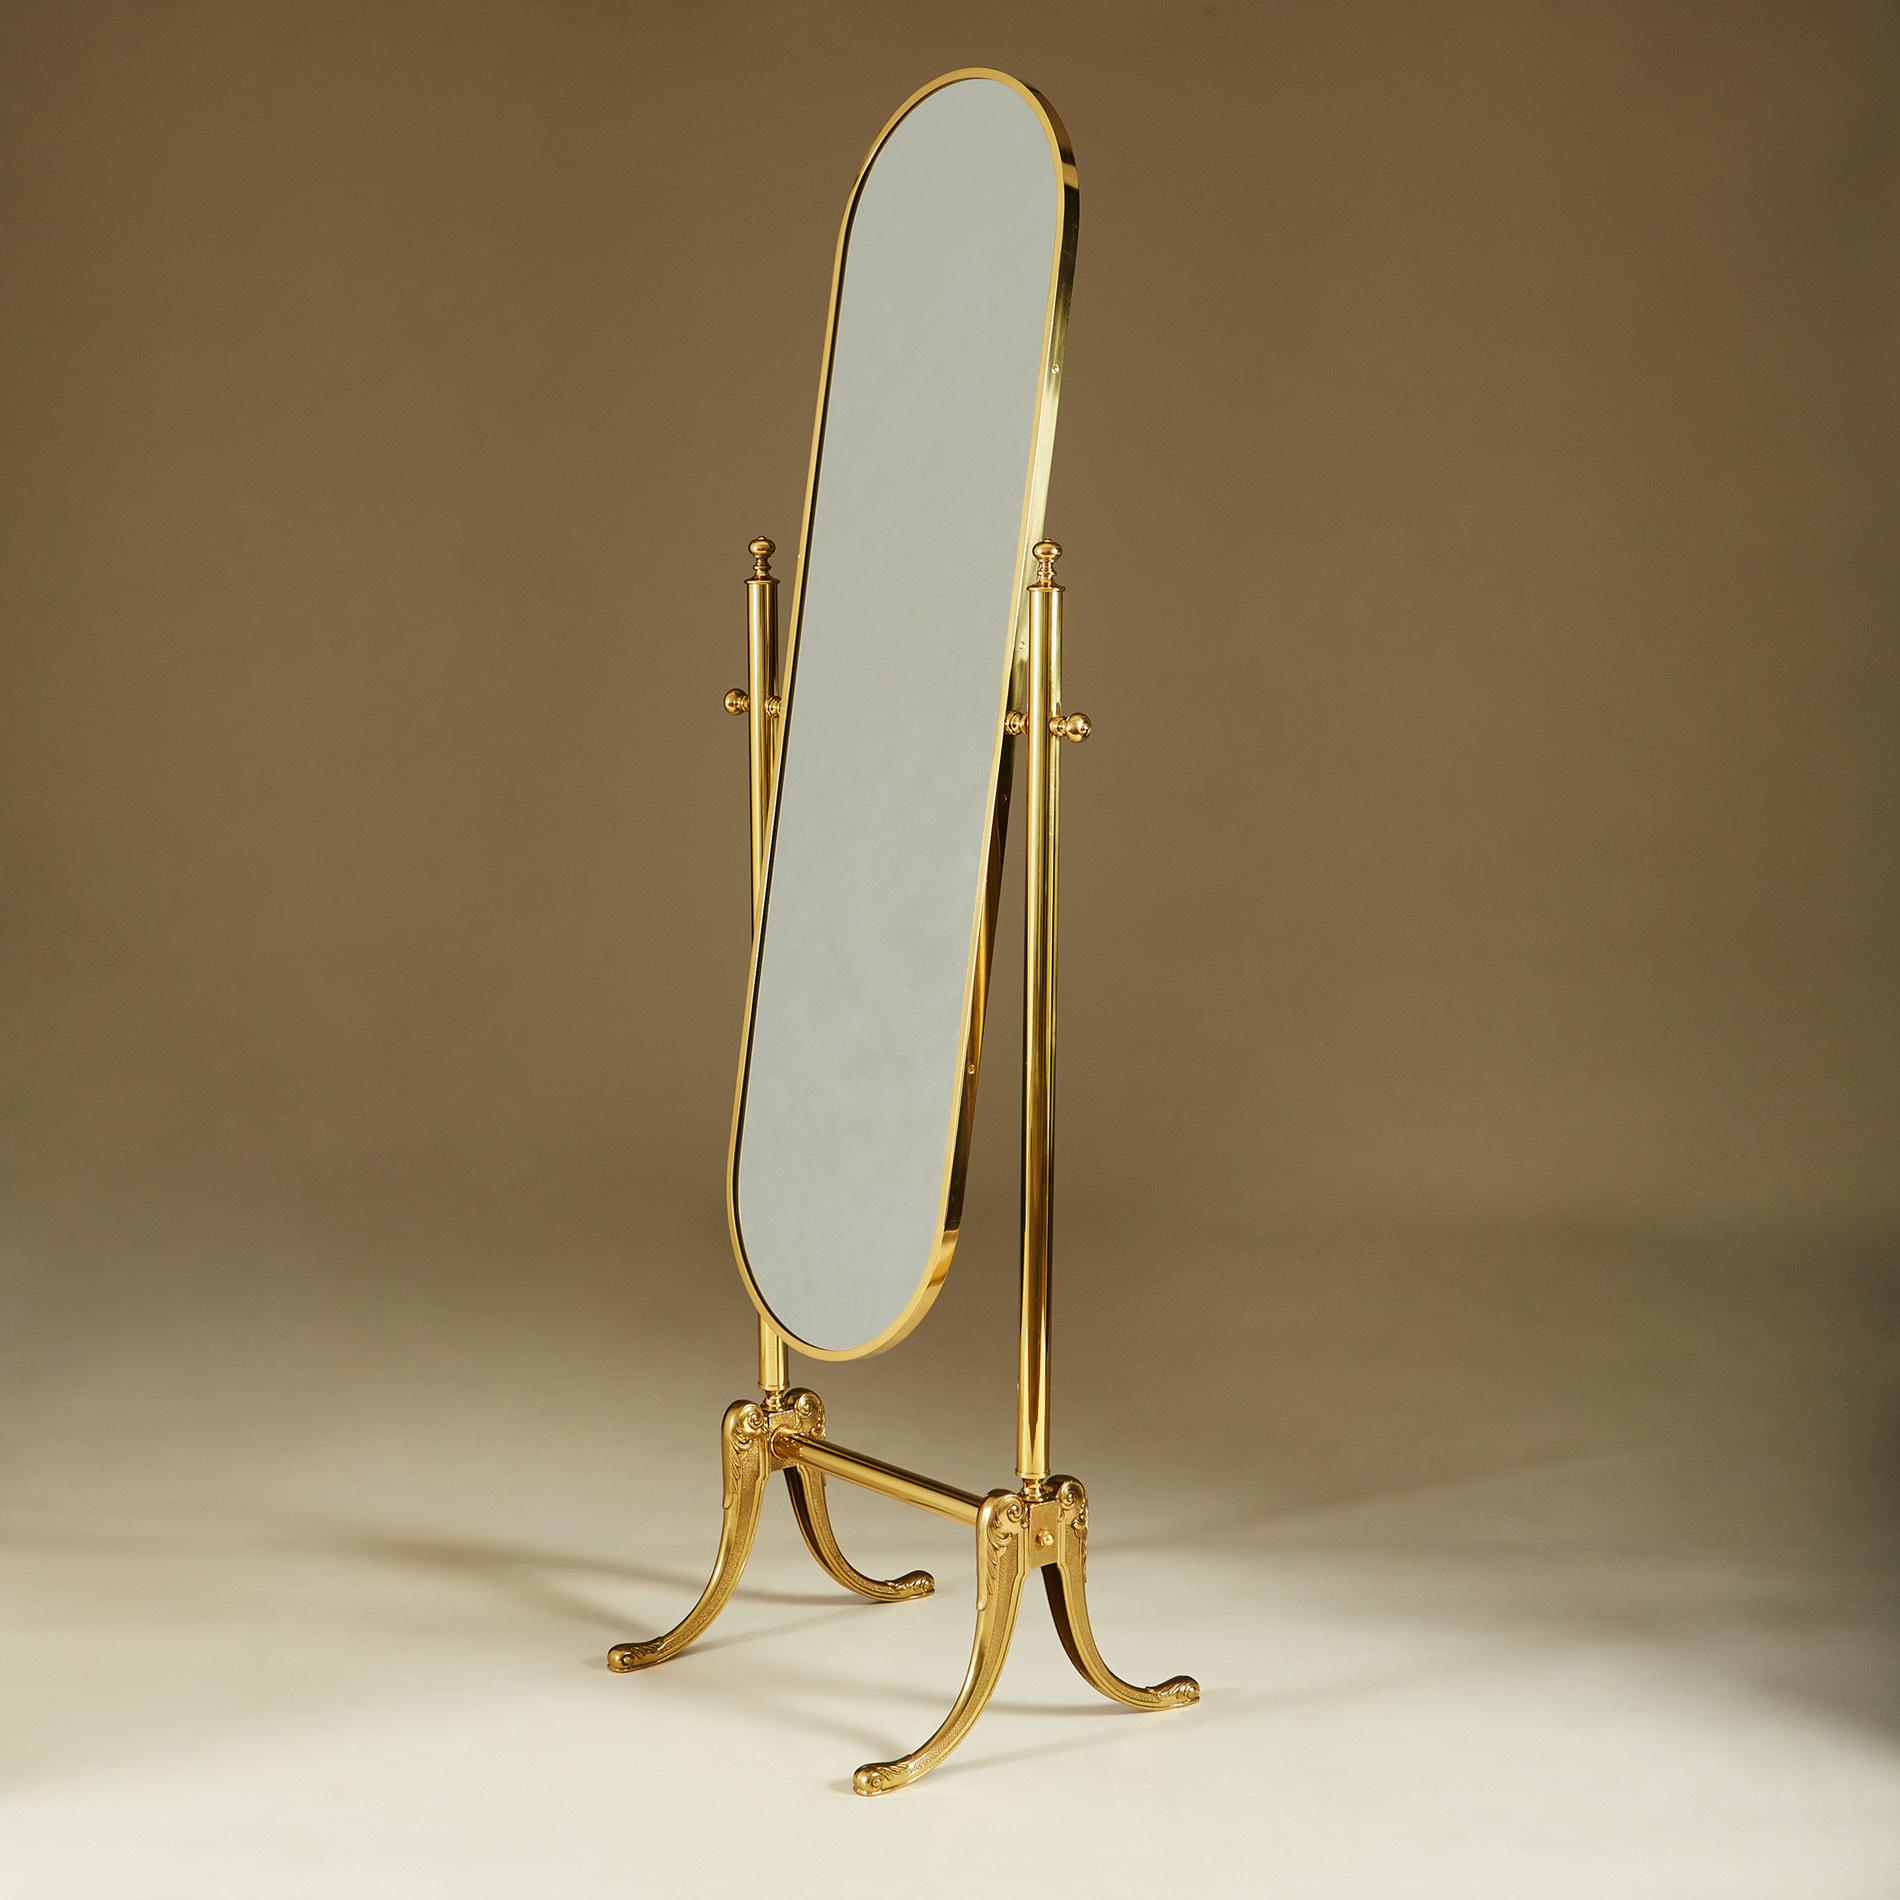 Brass Standing Mirror 268 V1